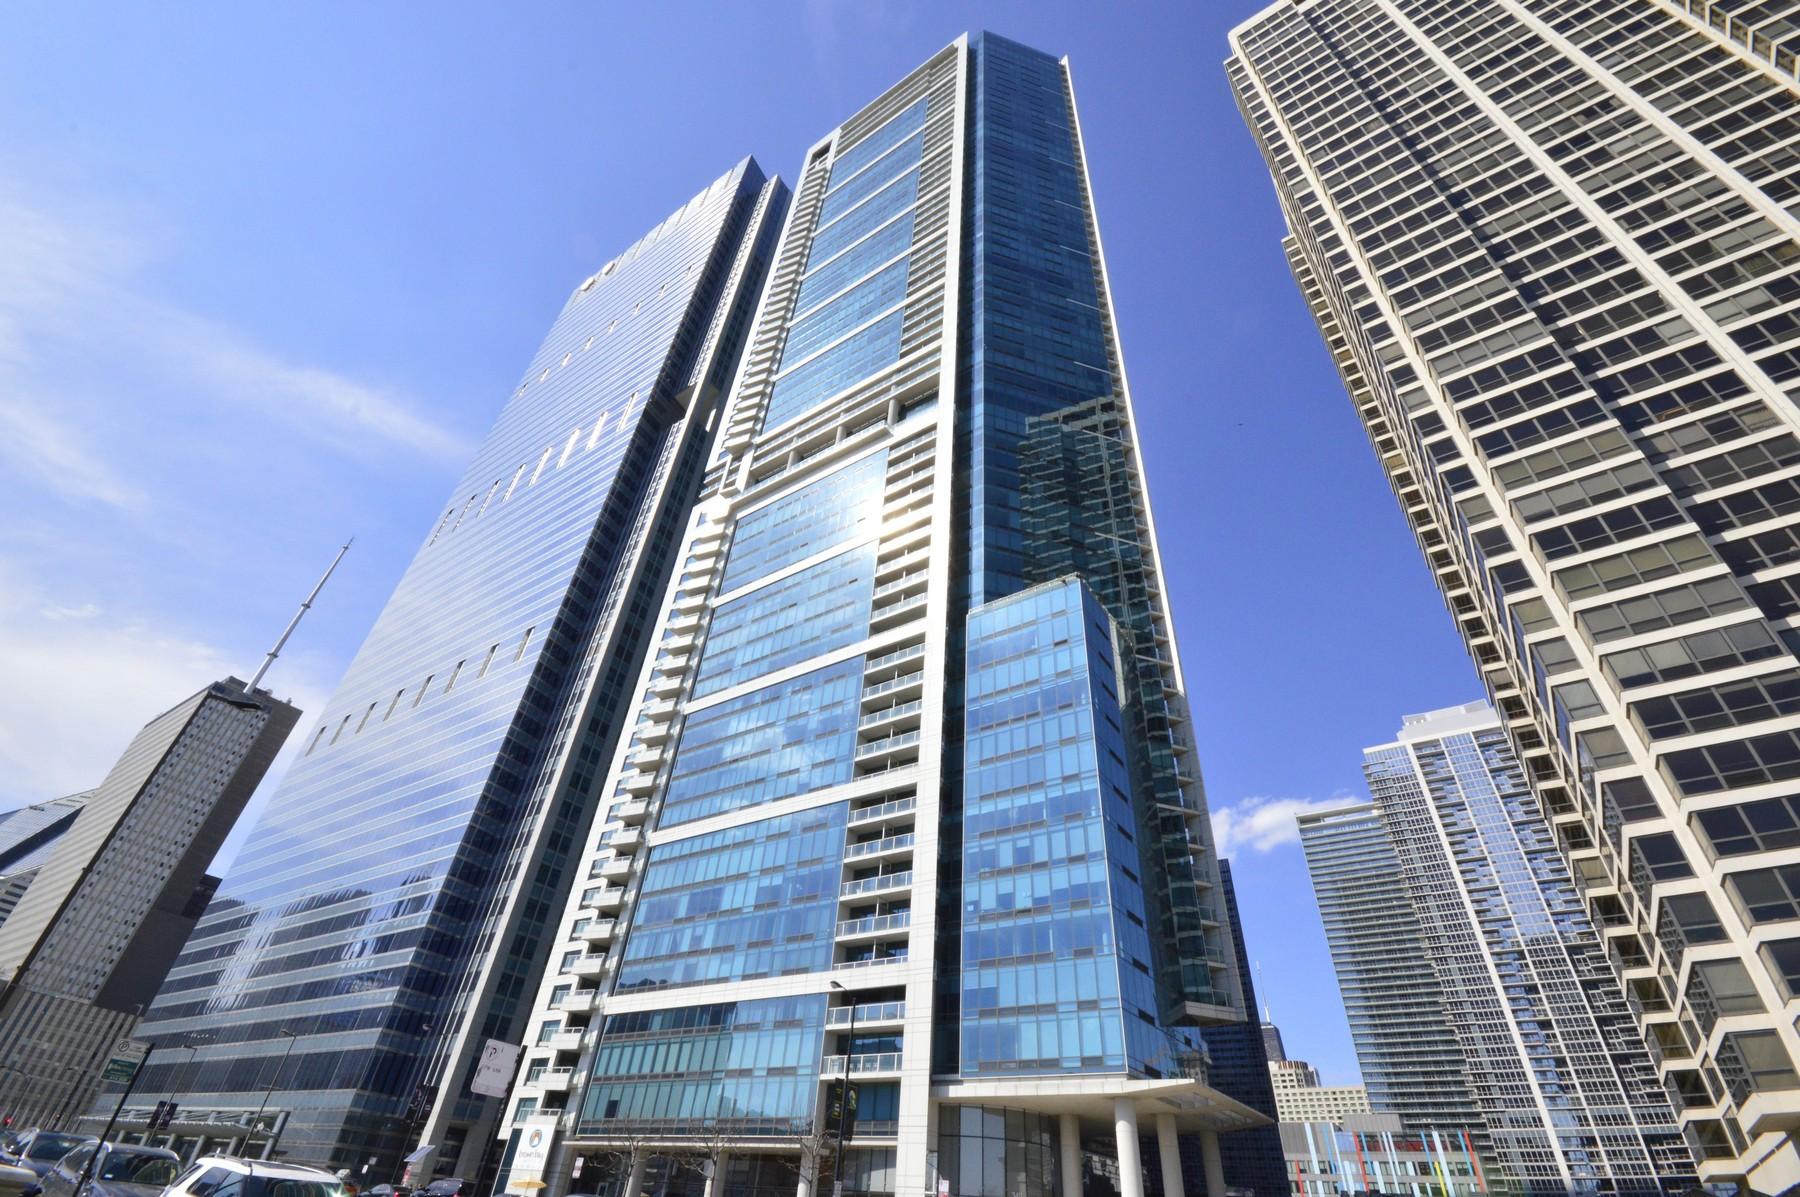 Eigentumswohnung für Verkauf beim Unparalleled Views in Prestigious Building 340 E Randolph Street Unit 501 Chicago, Illinois, 60601 Vereinigte Staaten